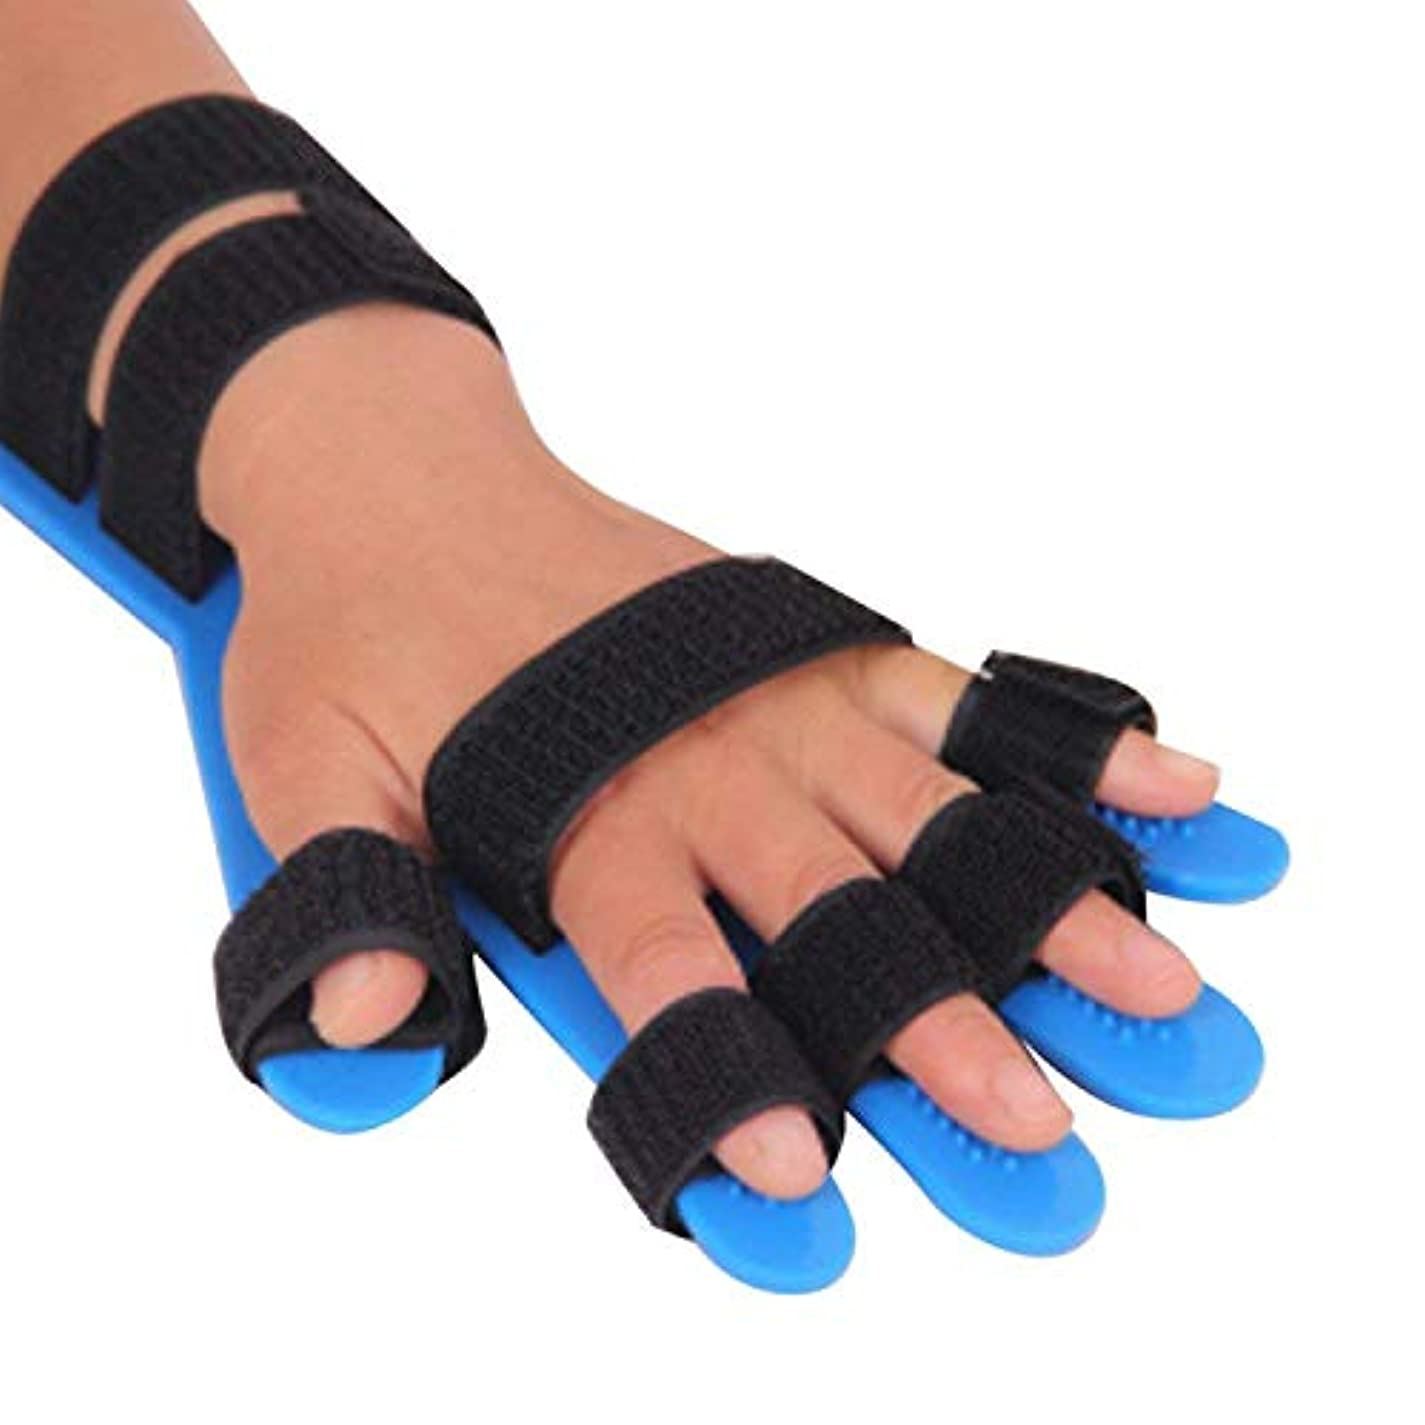 全国速報深い指の添え木は、リハビリテーション機器/手首訓練用機器/サポートフィンガーフラクチャー/創傷術後ケア/エクササイズフィンガースプリント/フィンガーサポート/男性と女性の一般的な周りを指します